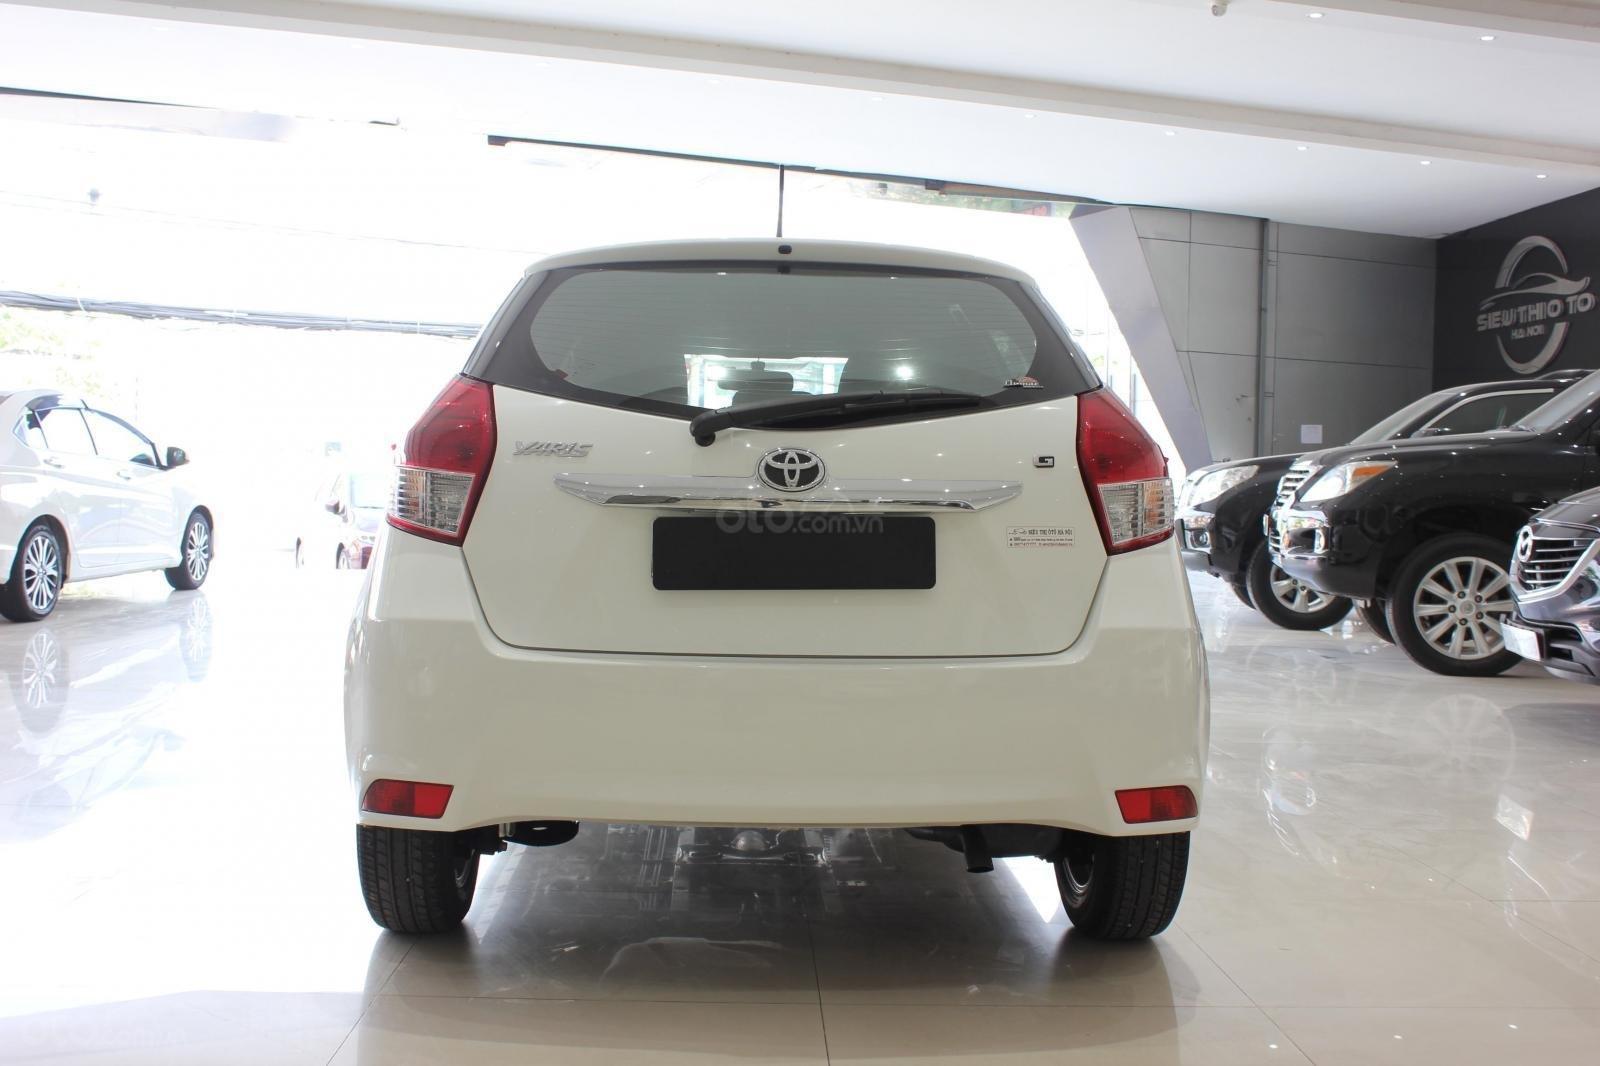 Cần bán xe Toyota Yaris 1.3G sx 2015, màu trắng, nhập Thái. Xem xe có giá tốt (4)